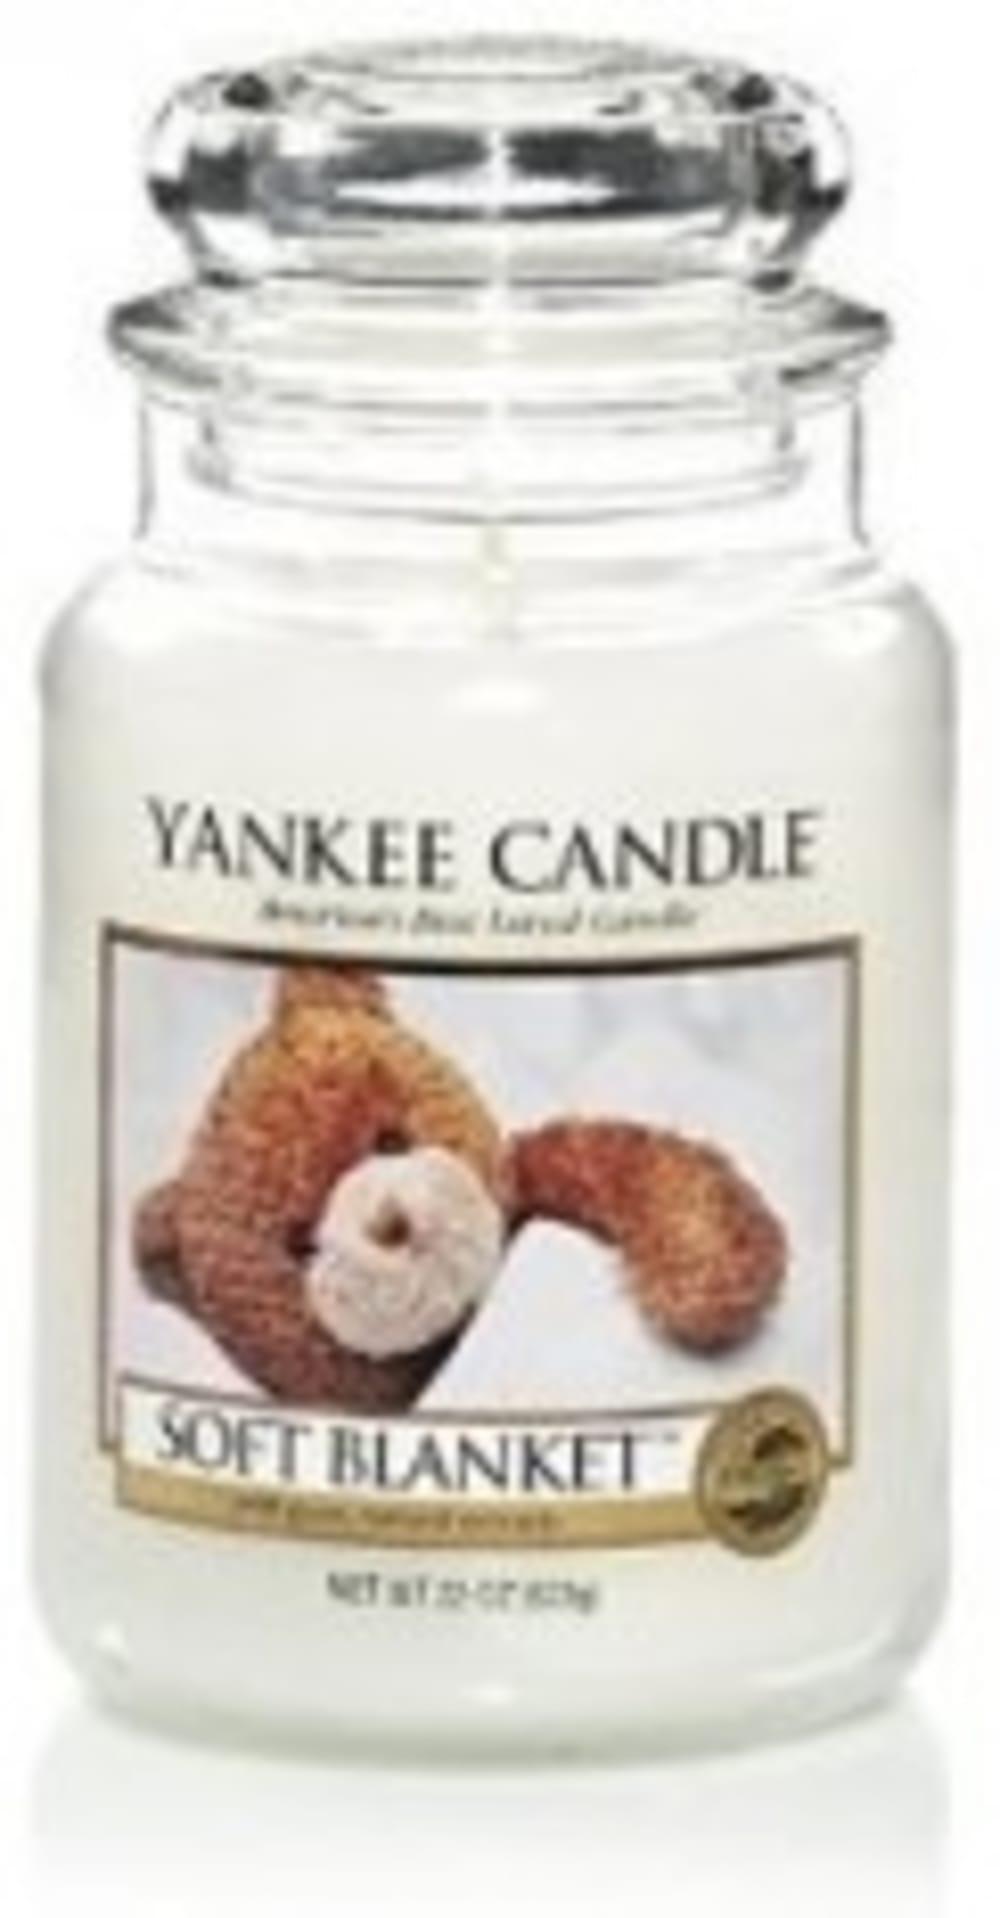 Świeca Zapachowa Soft Blanket Yankee Candle